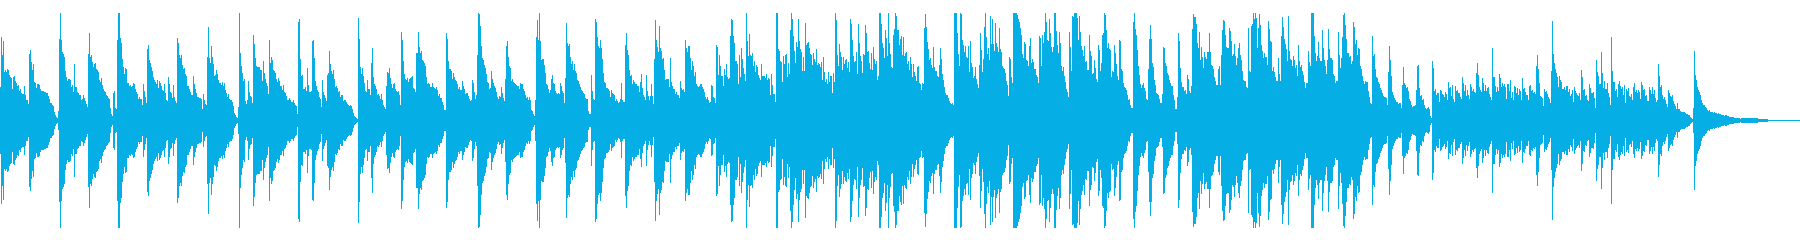 感動ほのぼの映像にギターとピアノで癒しの再生済みの波形